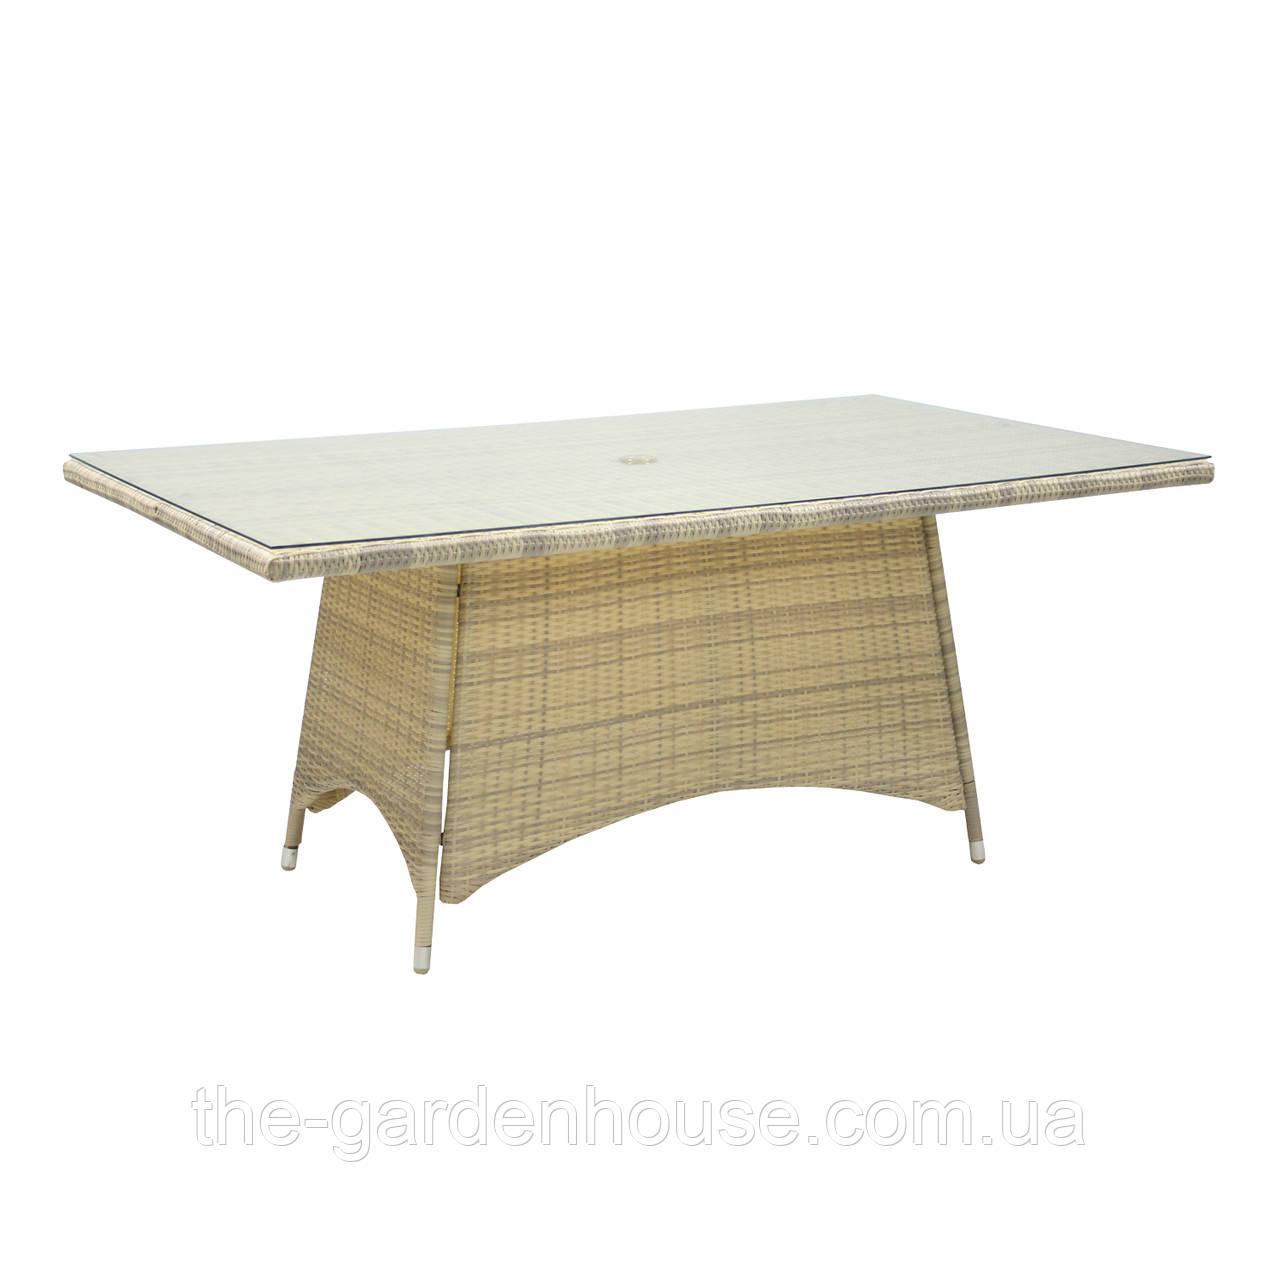 Обеденный стол из искусственного ротанга Викер 170х100 см светло-бежевый